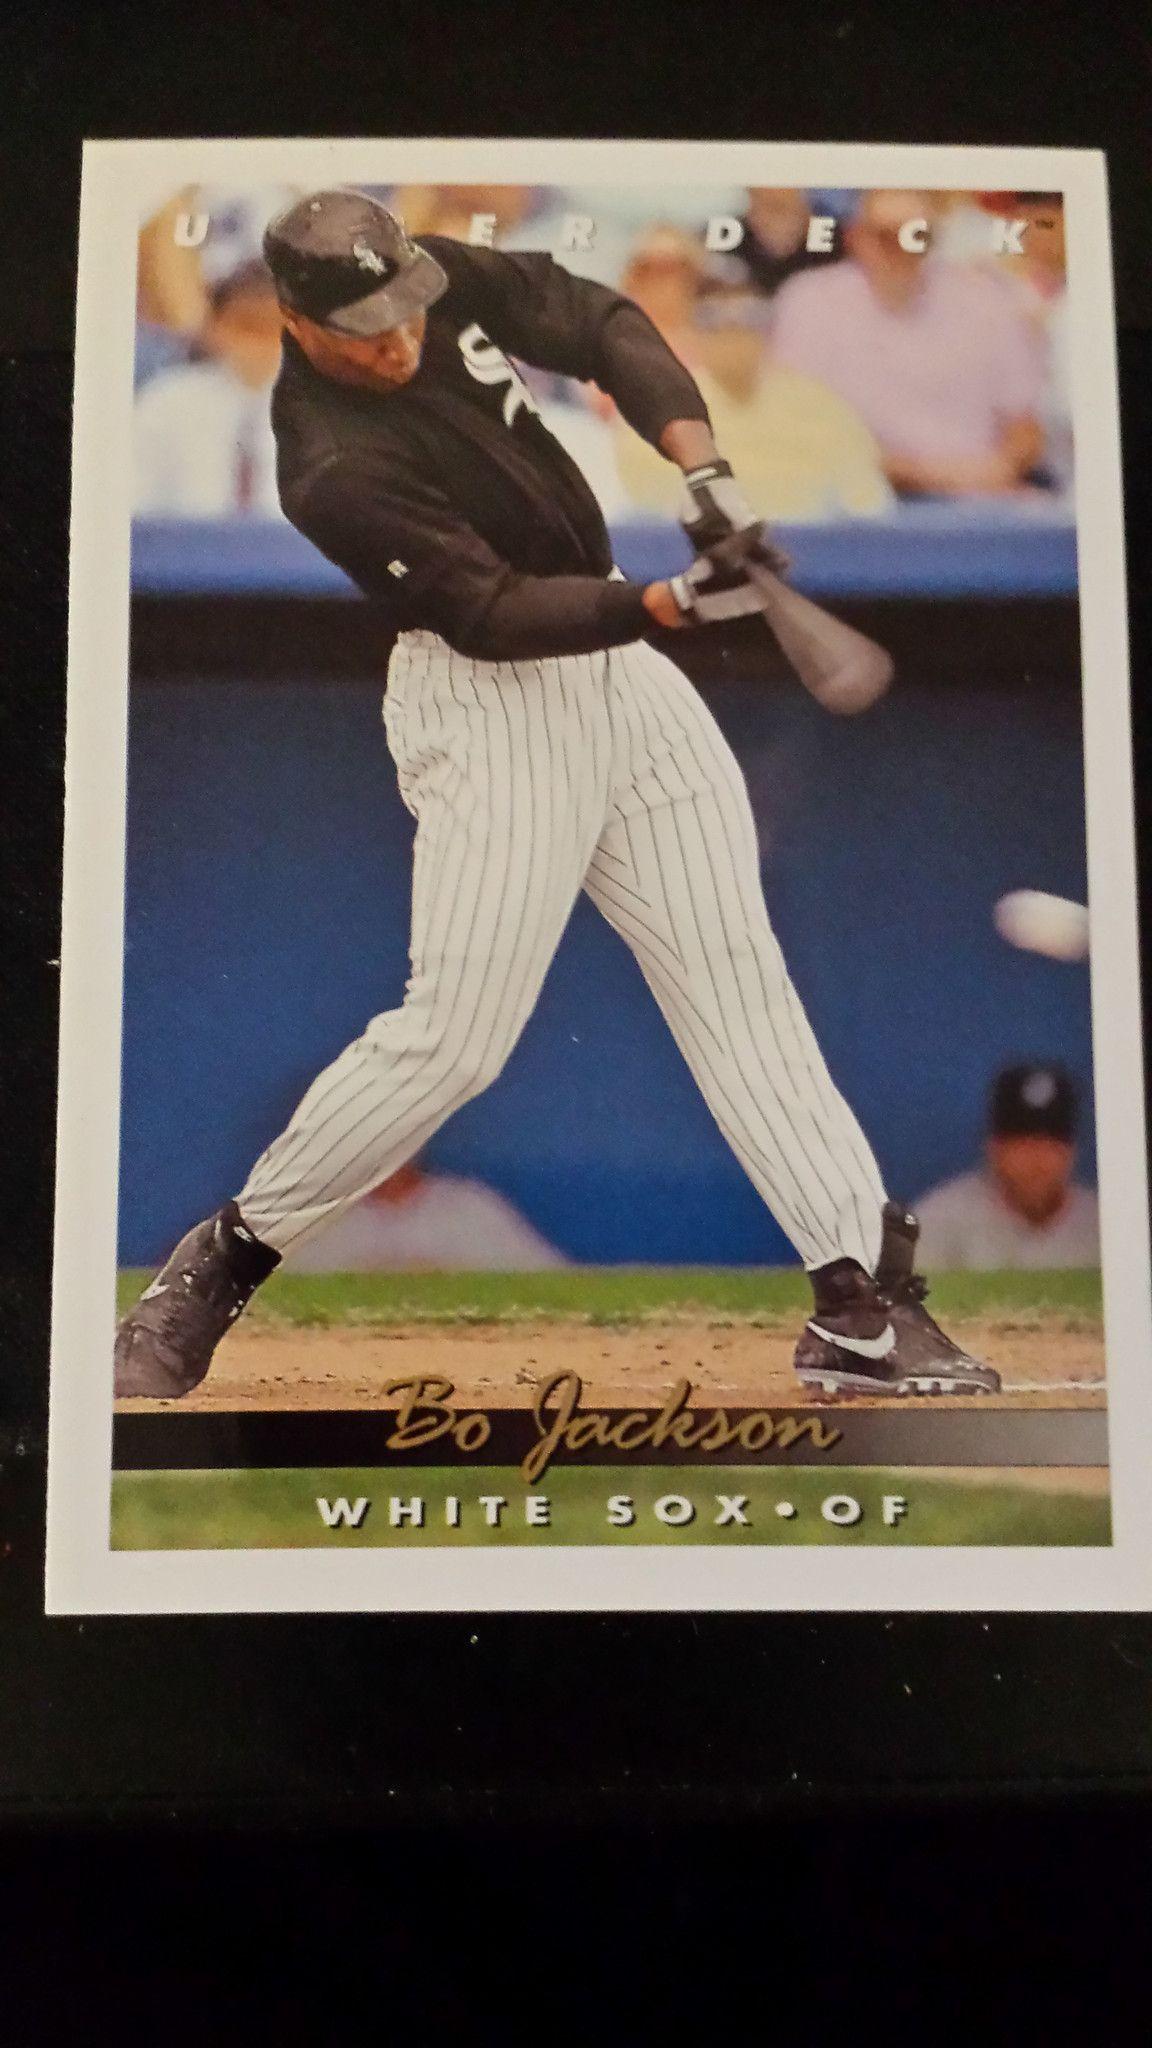 Bo jackson bo jackson upper deck baseball cards upper deck